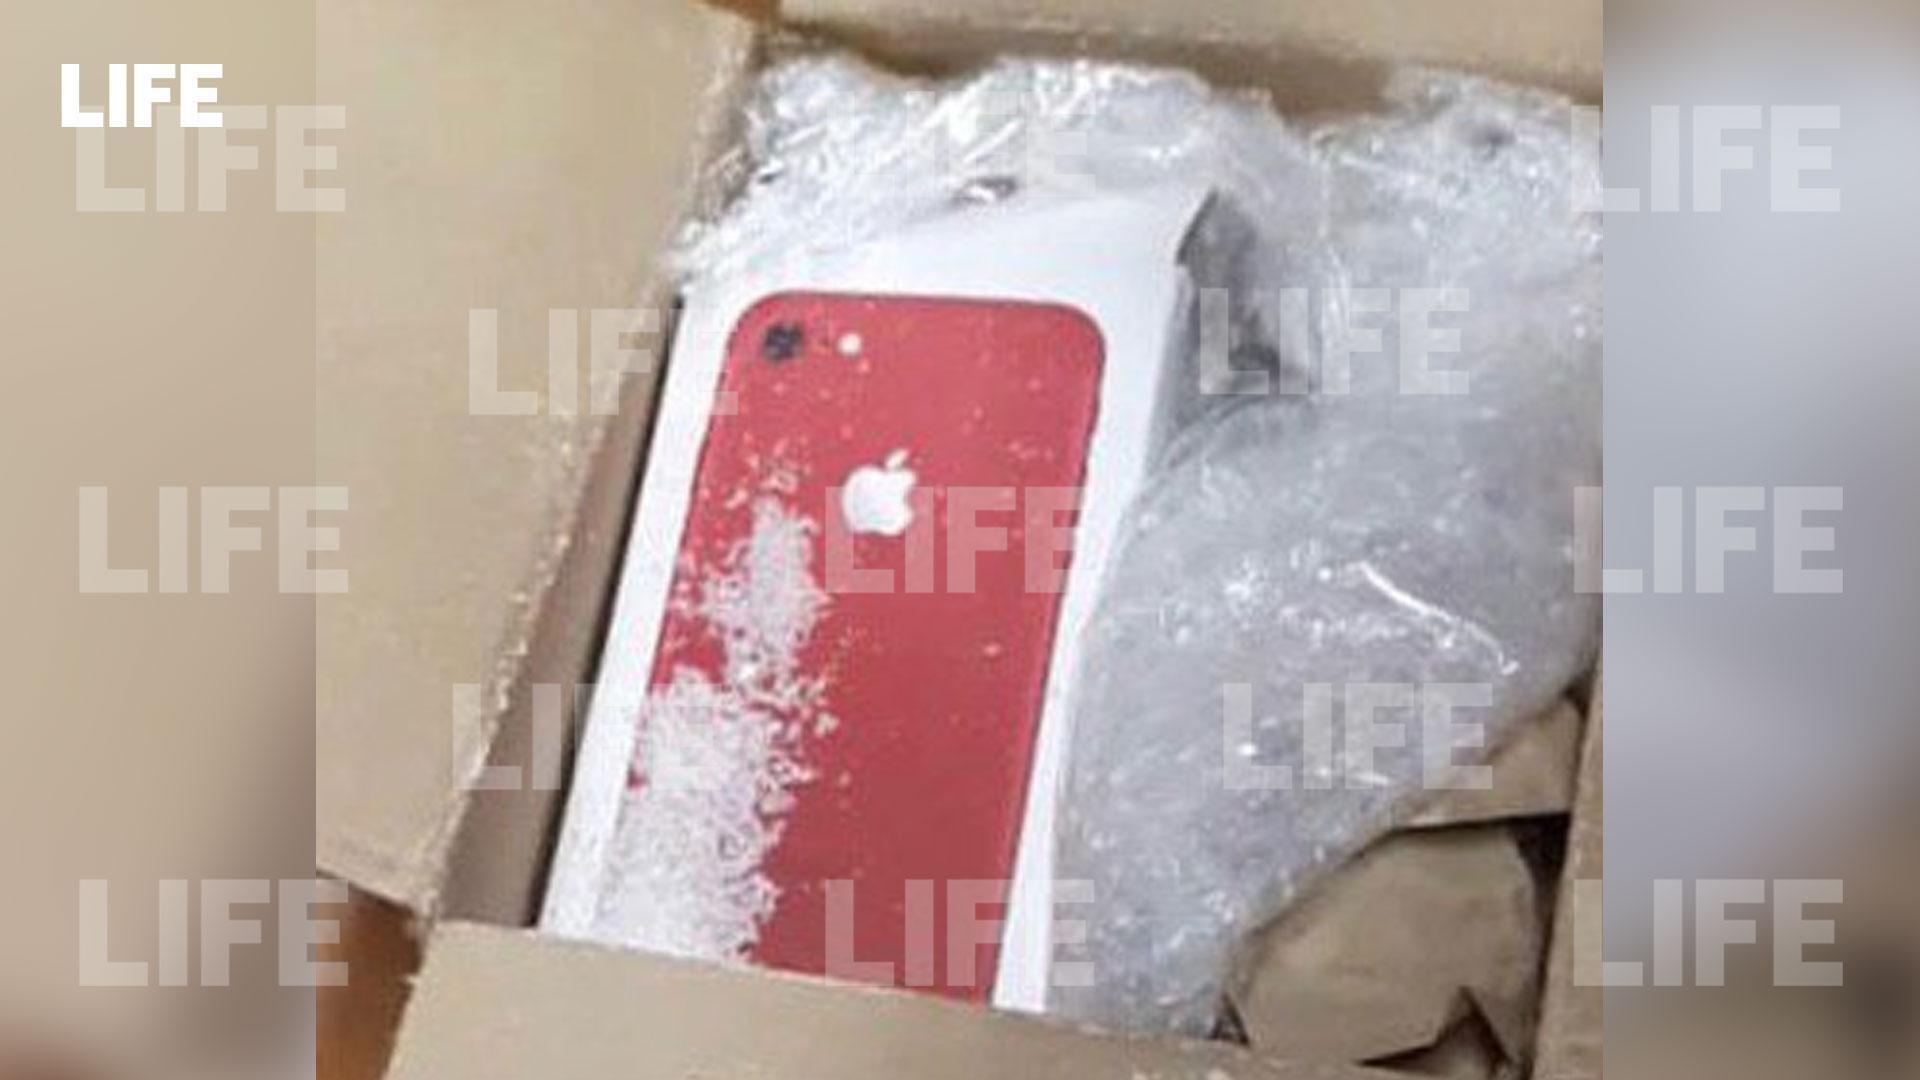 В Москве мошенники украли 17 айфонов, положив в коробки сахар